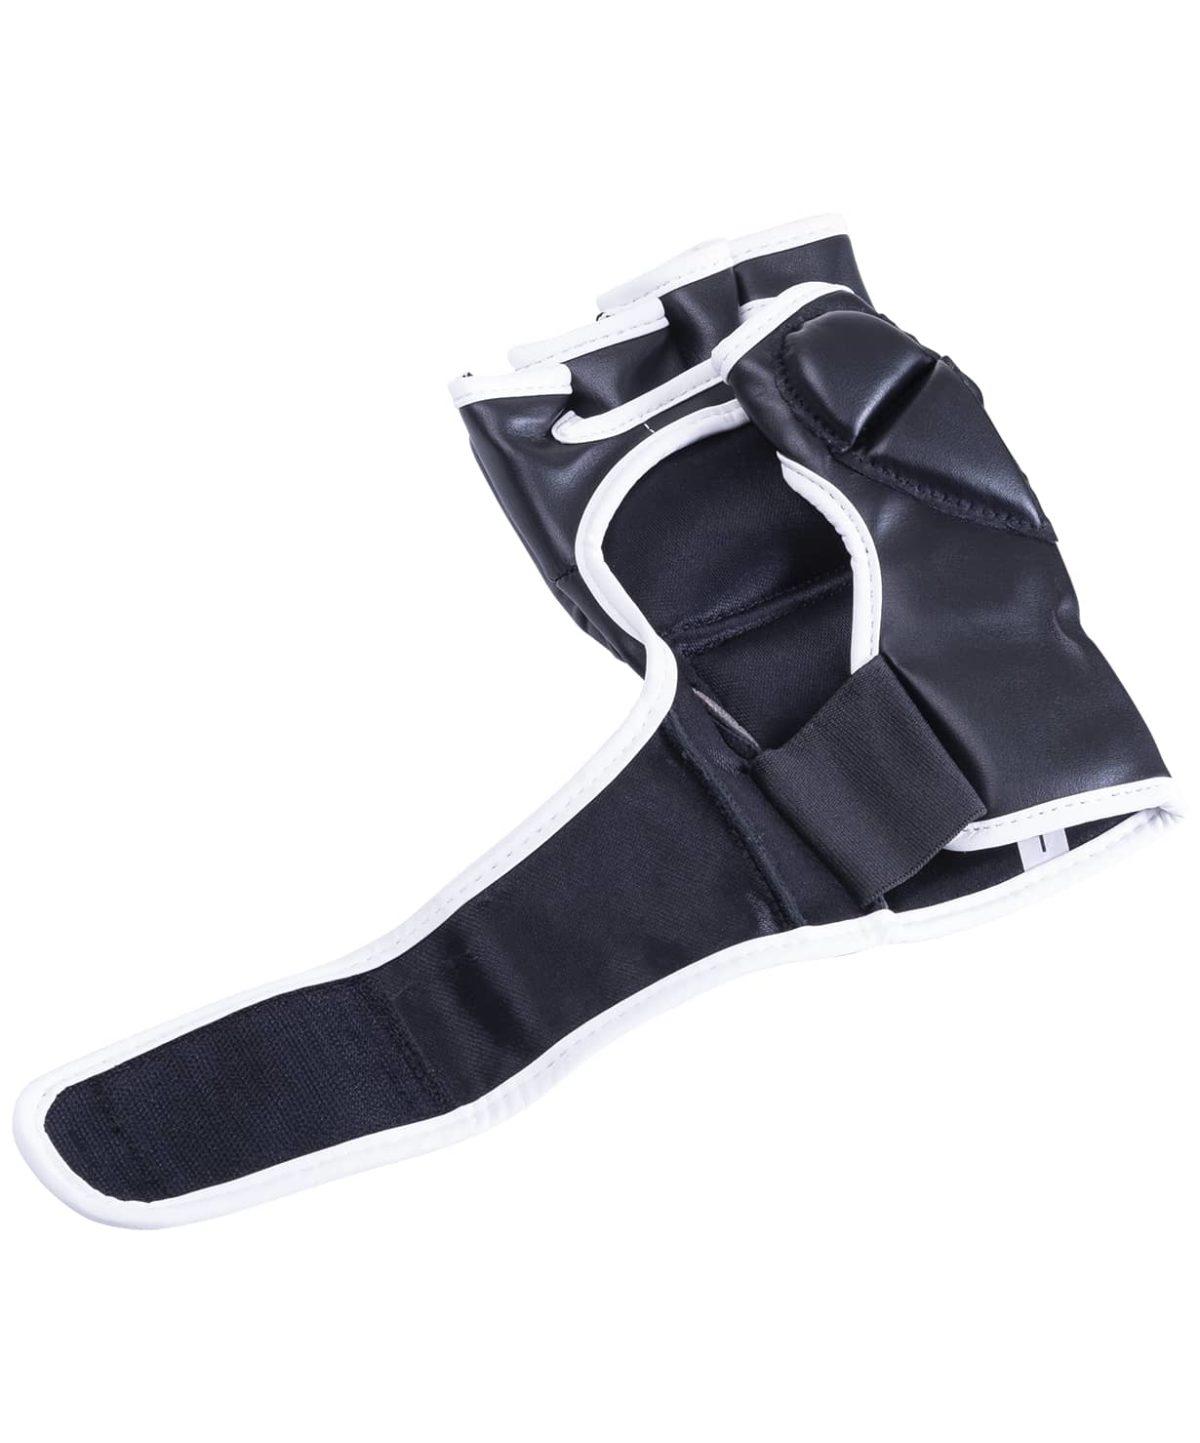 KSA Перчатки для ММА Lion Gel Black,  к/з 7881 - 3